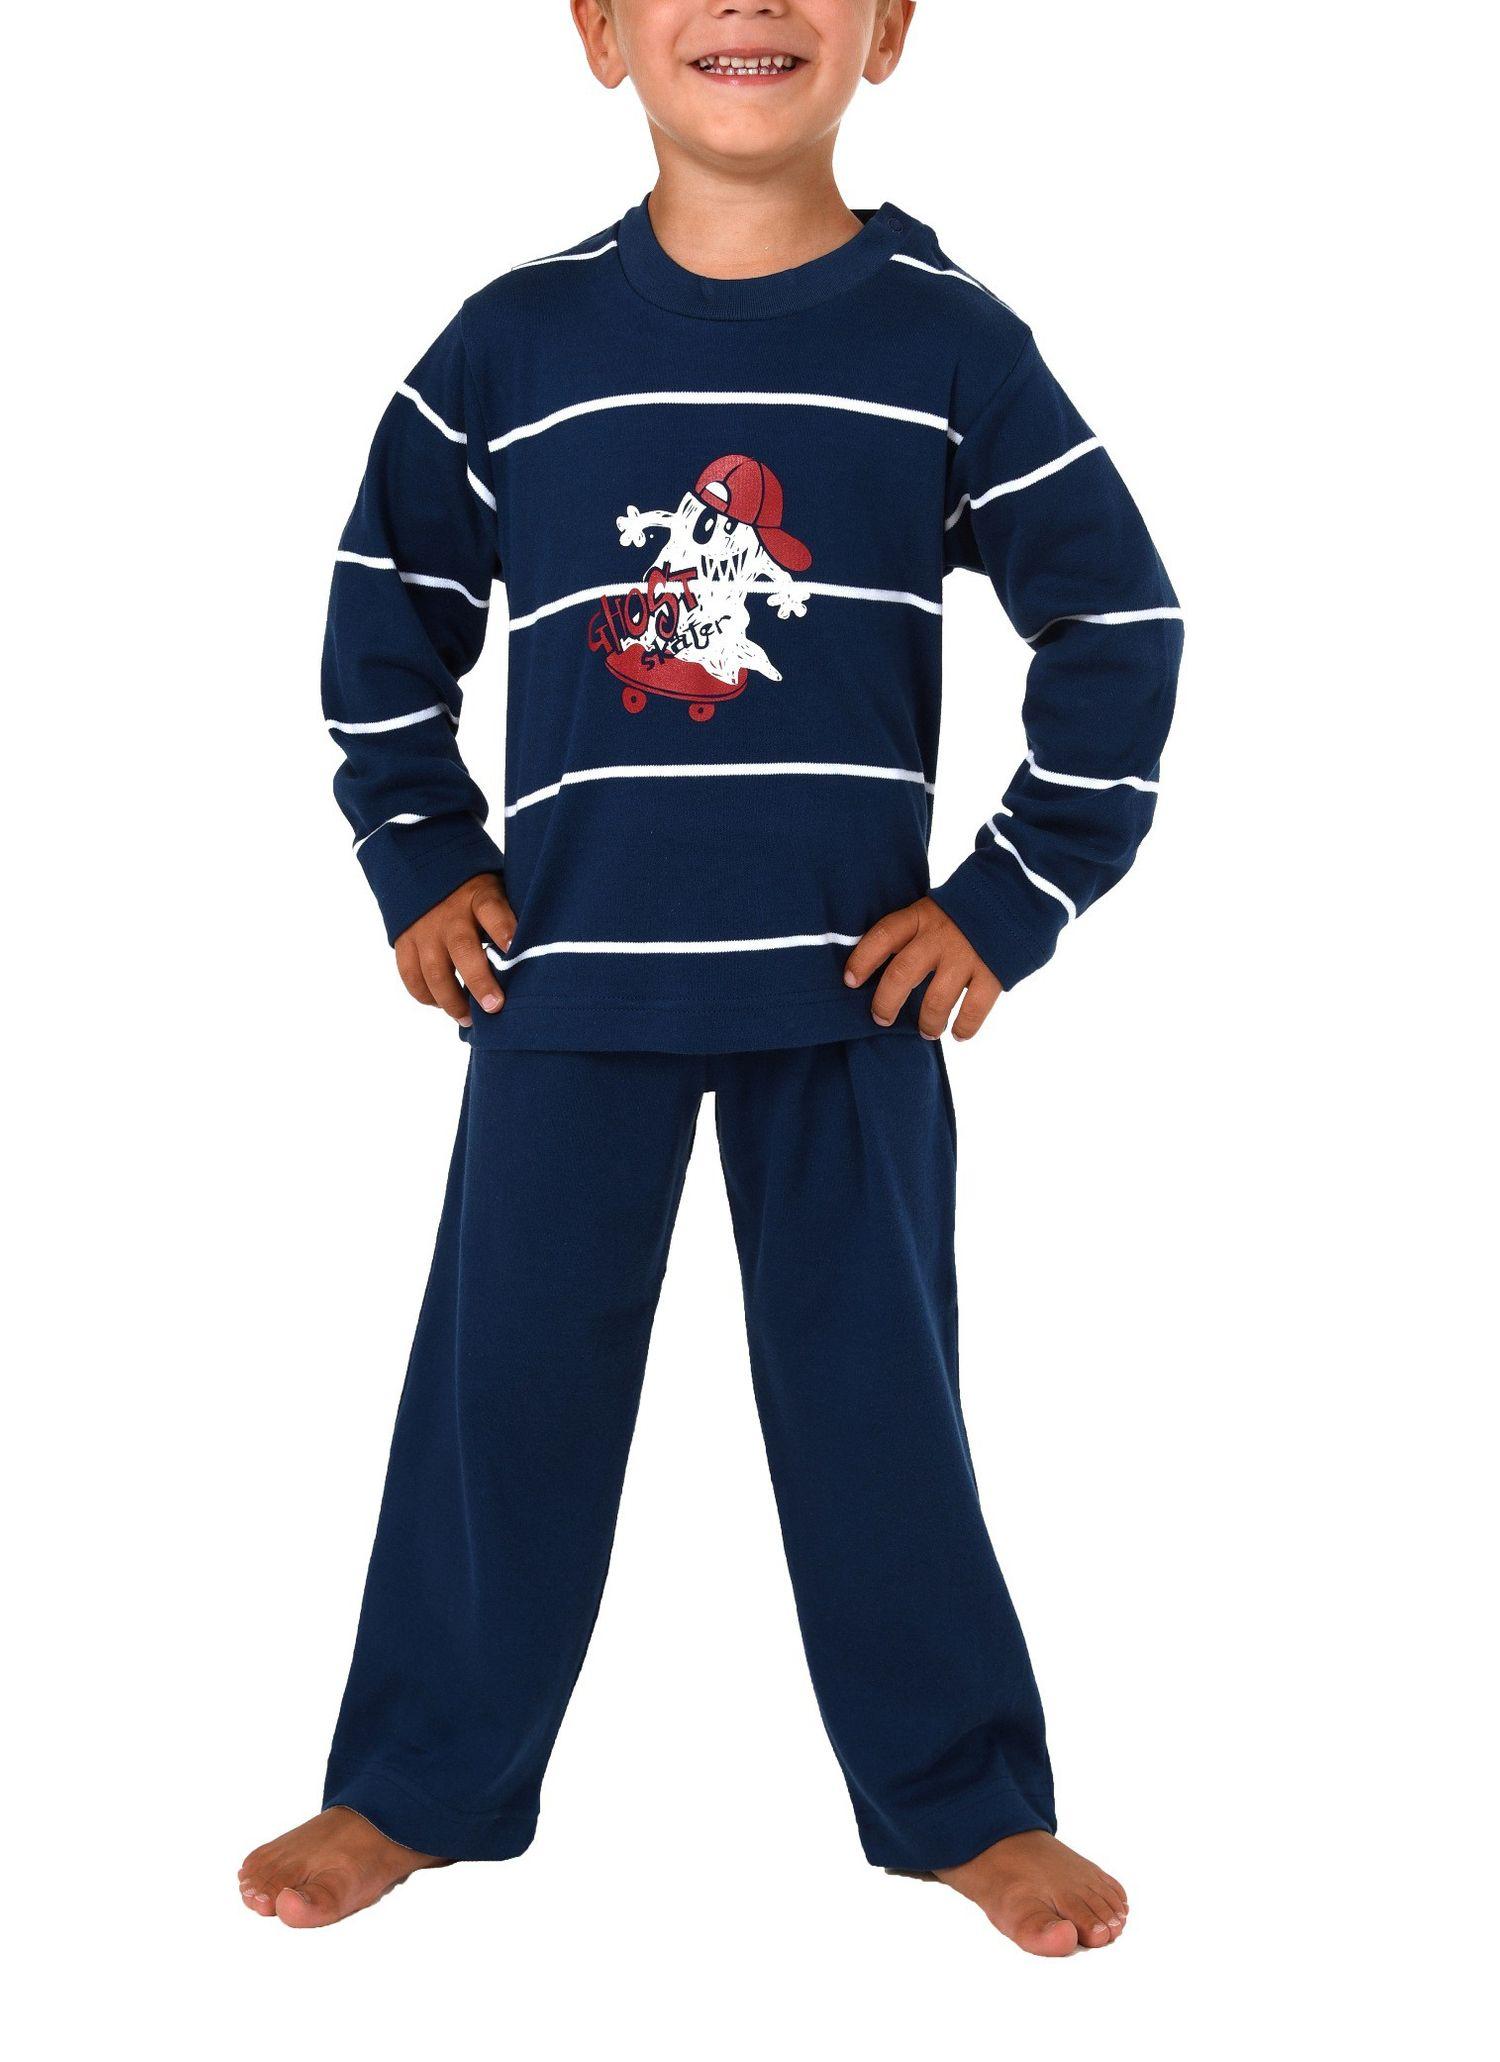 Jungen Kleinkinder Pyjama langarm  in warmer Kuschel-Interlock Qualität Gr. 86 – 110 – Bild 1